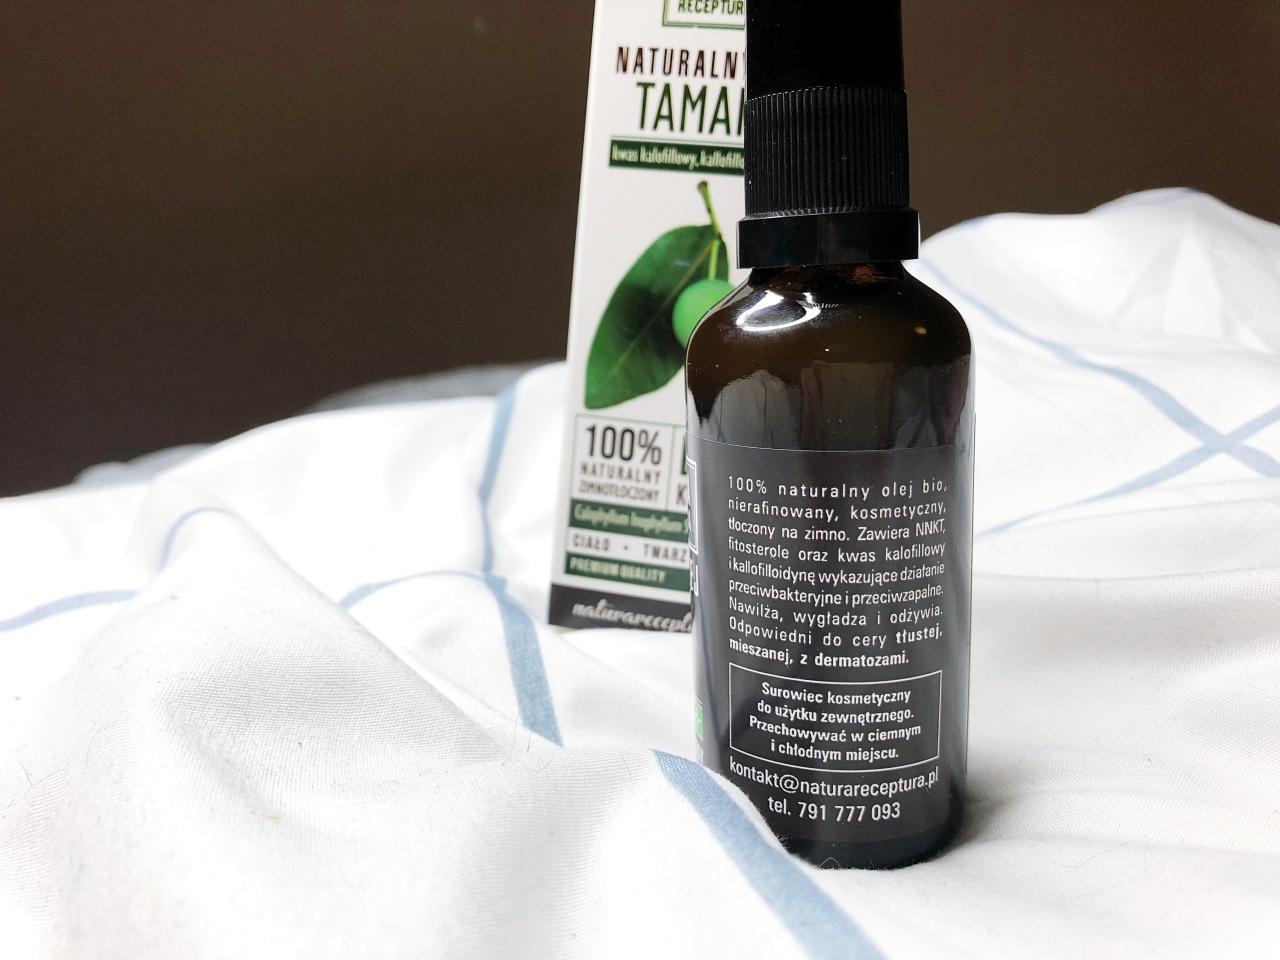 Olej tamanu składniki iwłaściwości